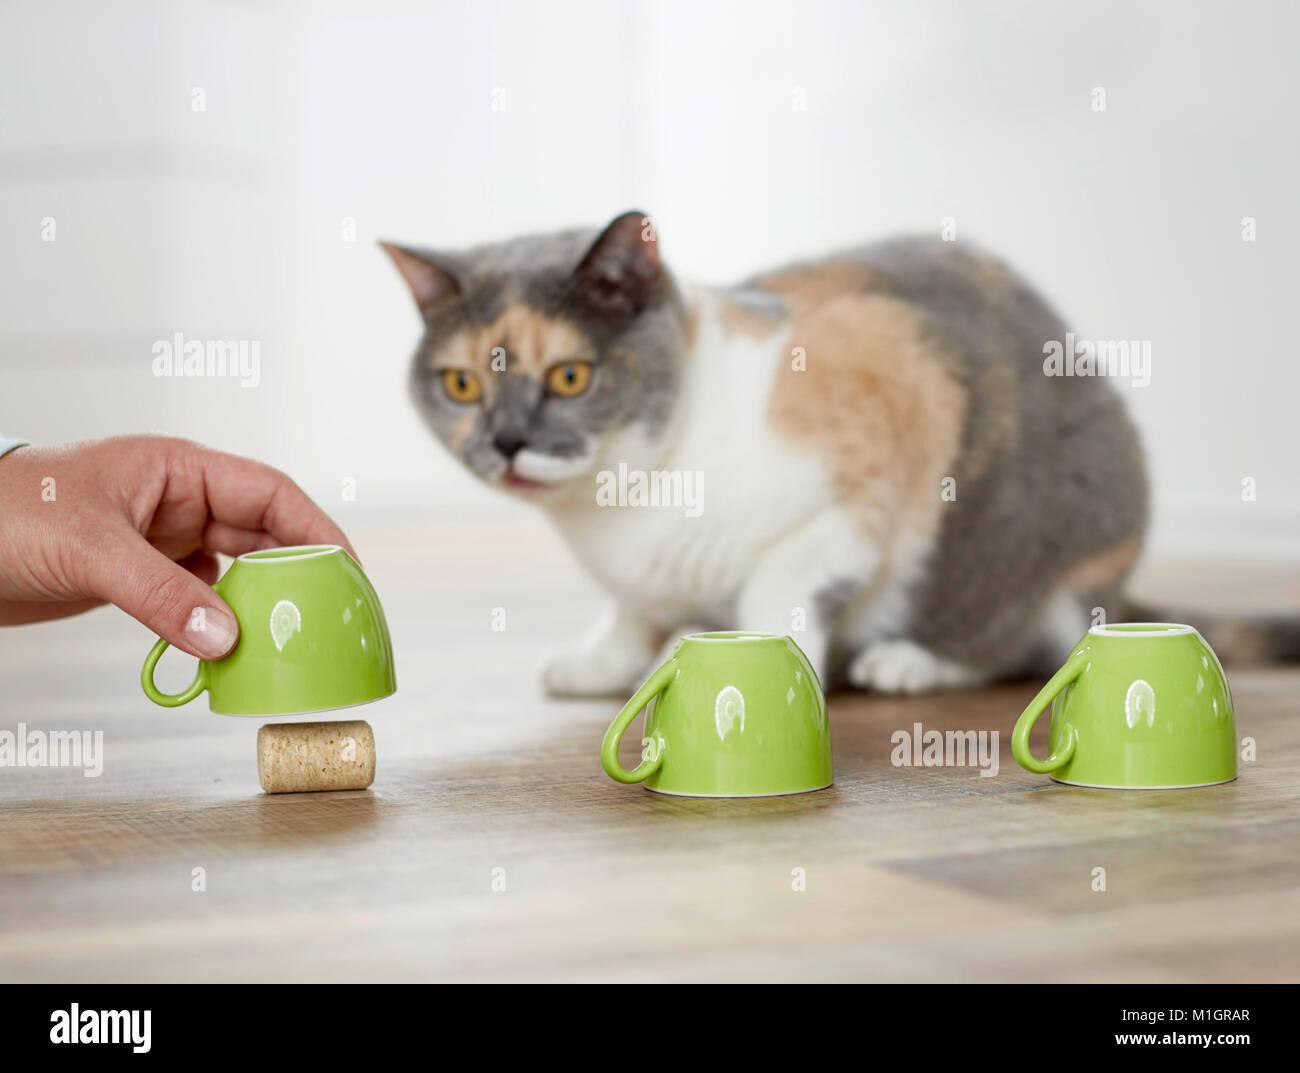 British Shorthair cat. Adultos tricolores jugando un juego de conchas. Alemania Foto de stock